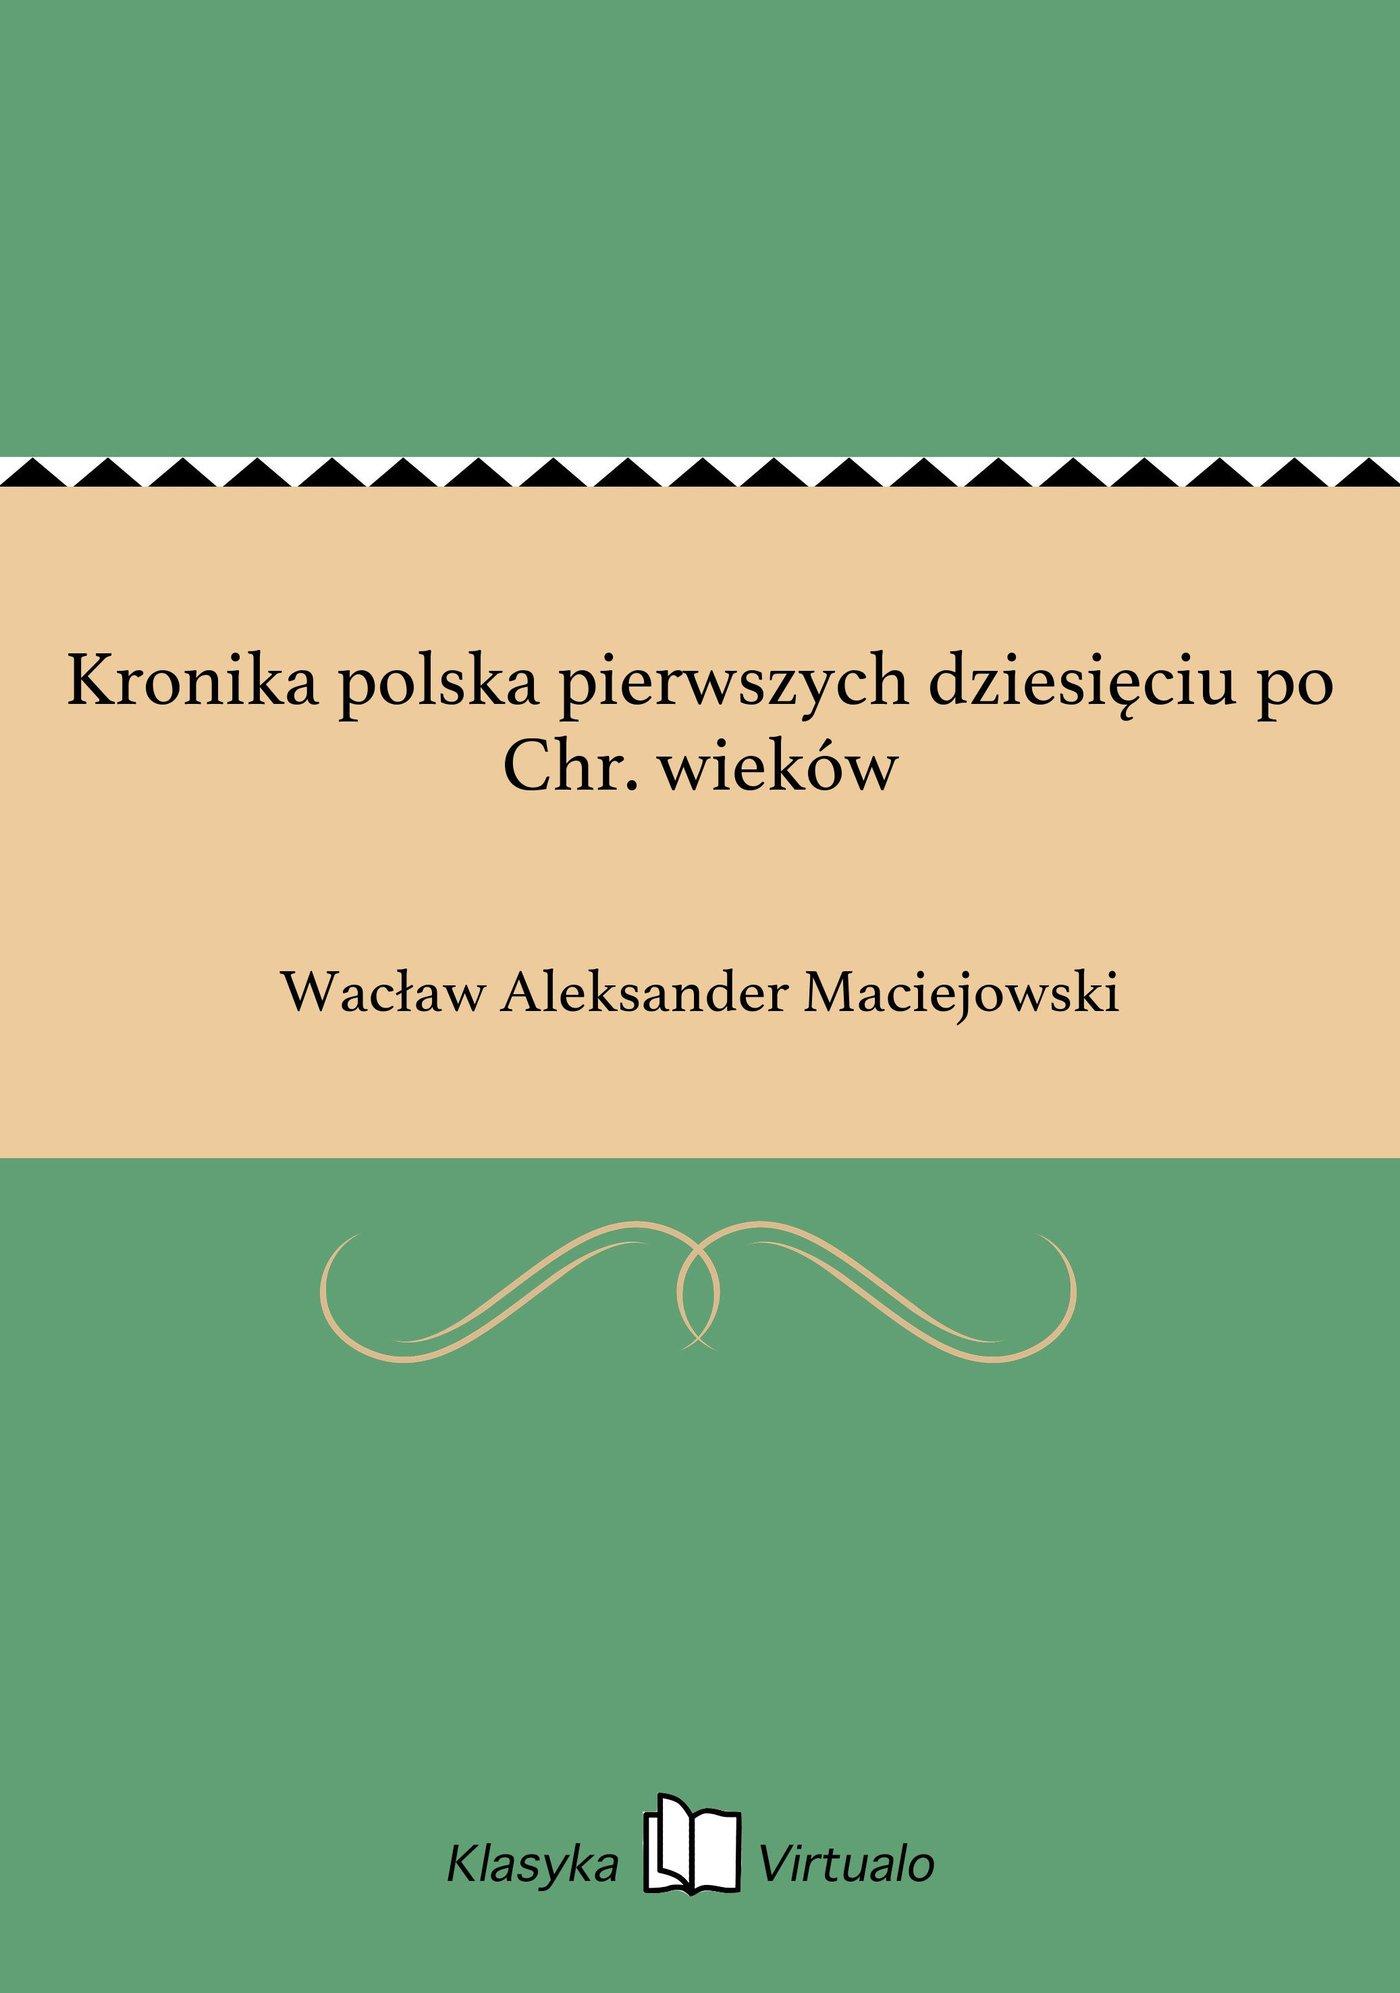 Kronika polska pierwszych dziesięciu po Chr. wieków - Ebook (Książka EPUB) do pobrania w formacie EPUB